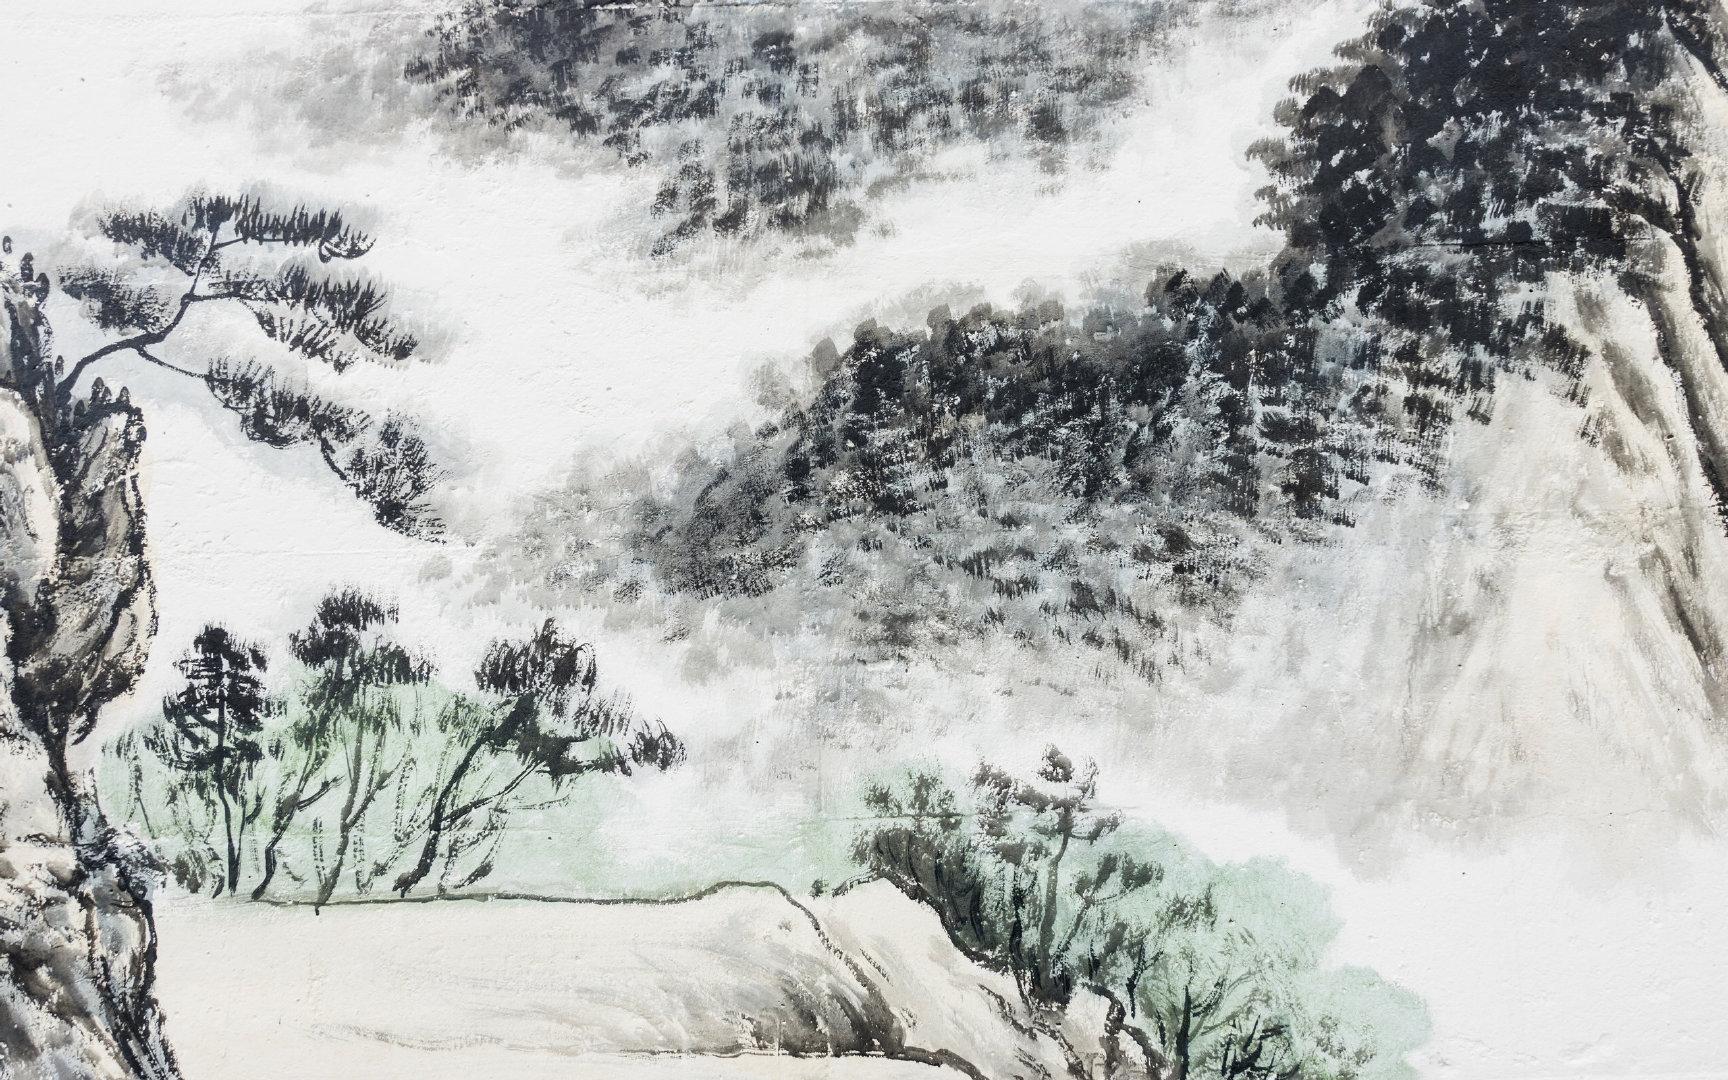 山水水墨画1080P高清壁纸图片